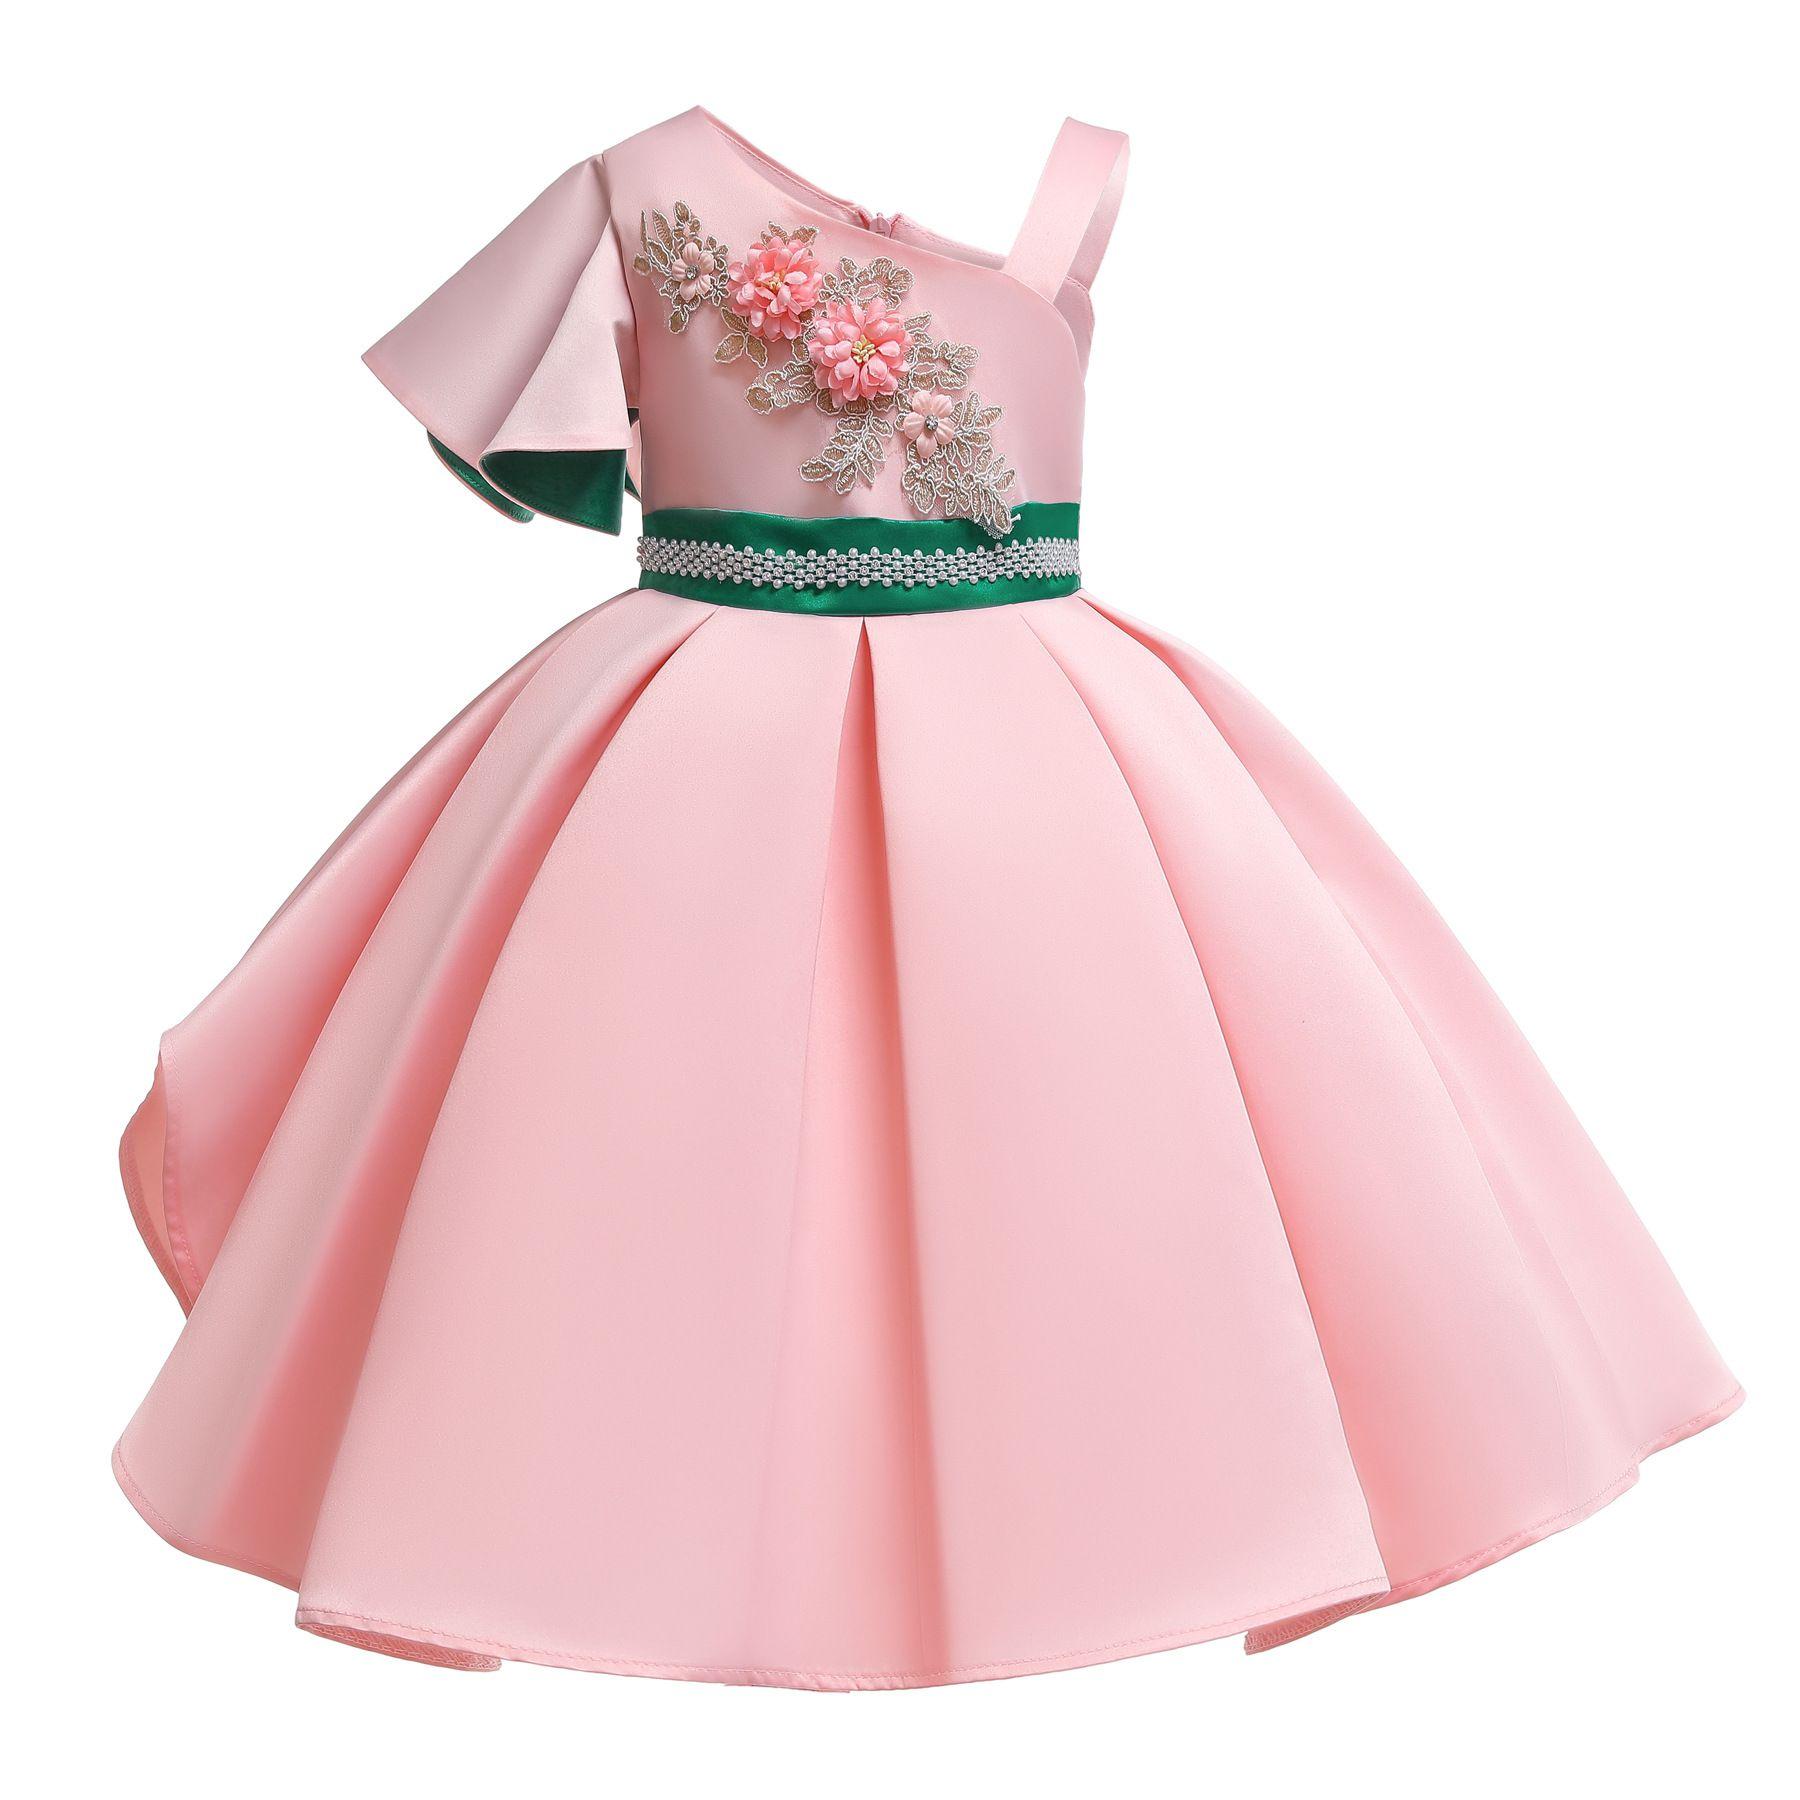 小売少女刺繍ドレスワンショルダービーズの花の女の子のドレス赤ちゃん子供高級デザイナーパーティープリンセスウェディングドレスブティック